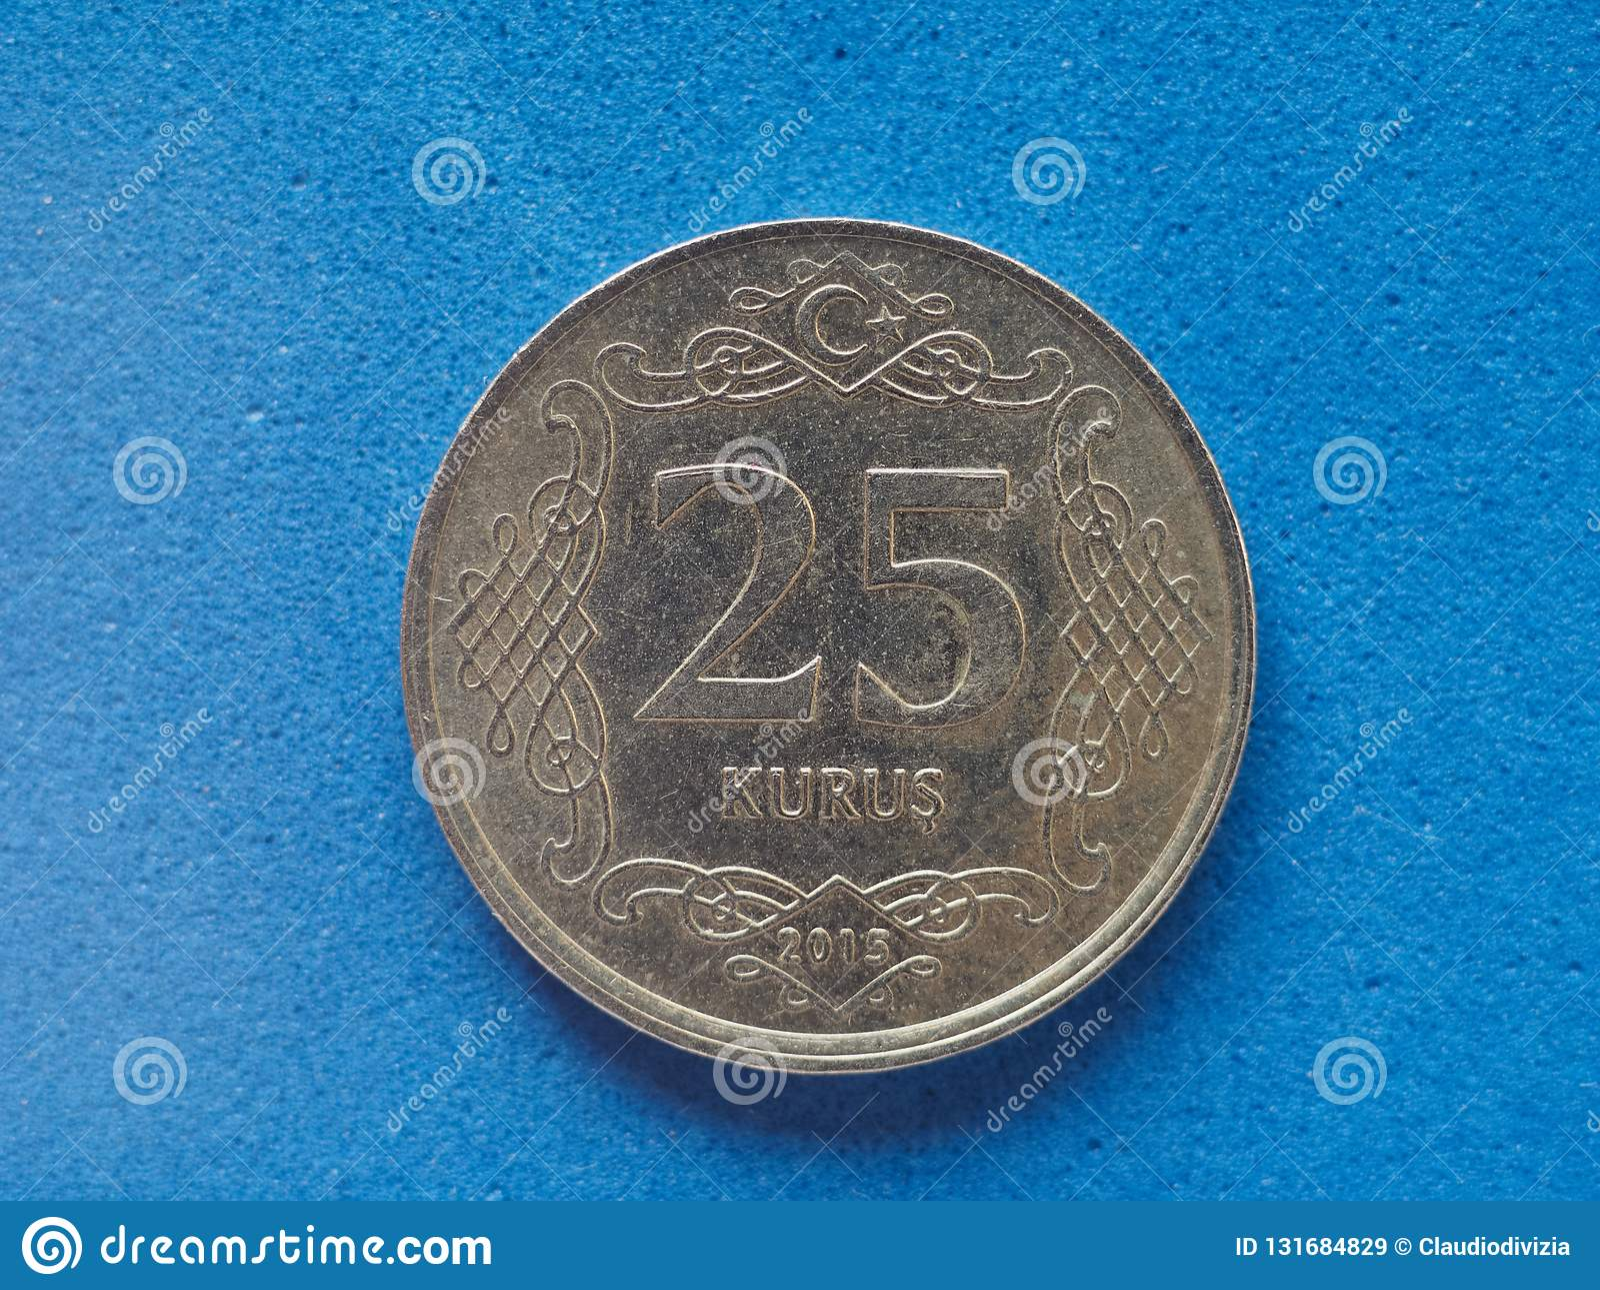 25 Kurus cents coin money